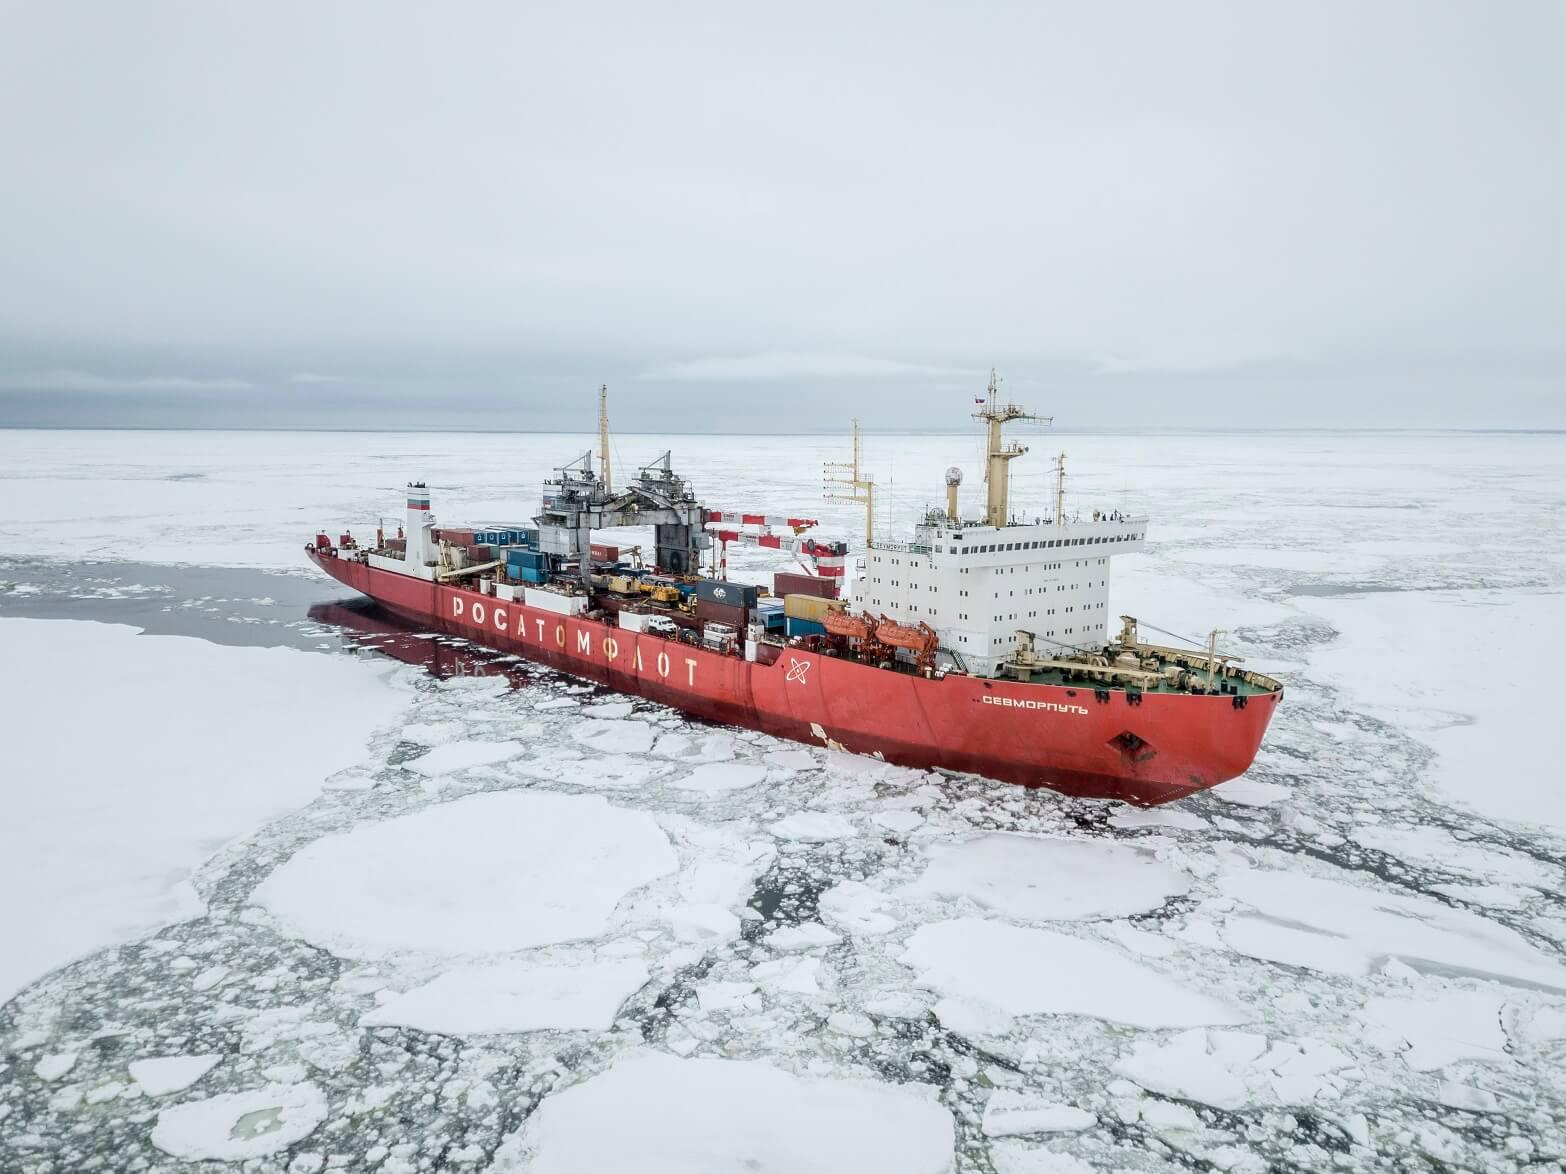 Почему российский атомный ледокол «Севморпуть» застрял в водах Испании?